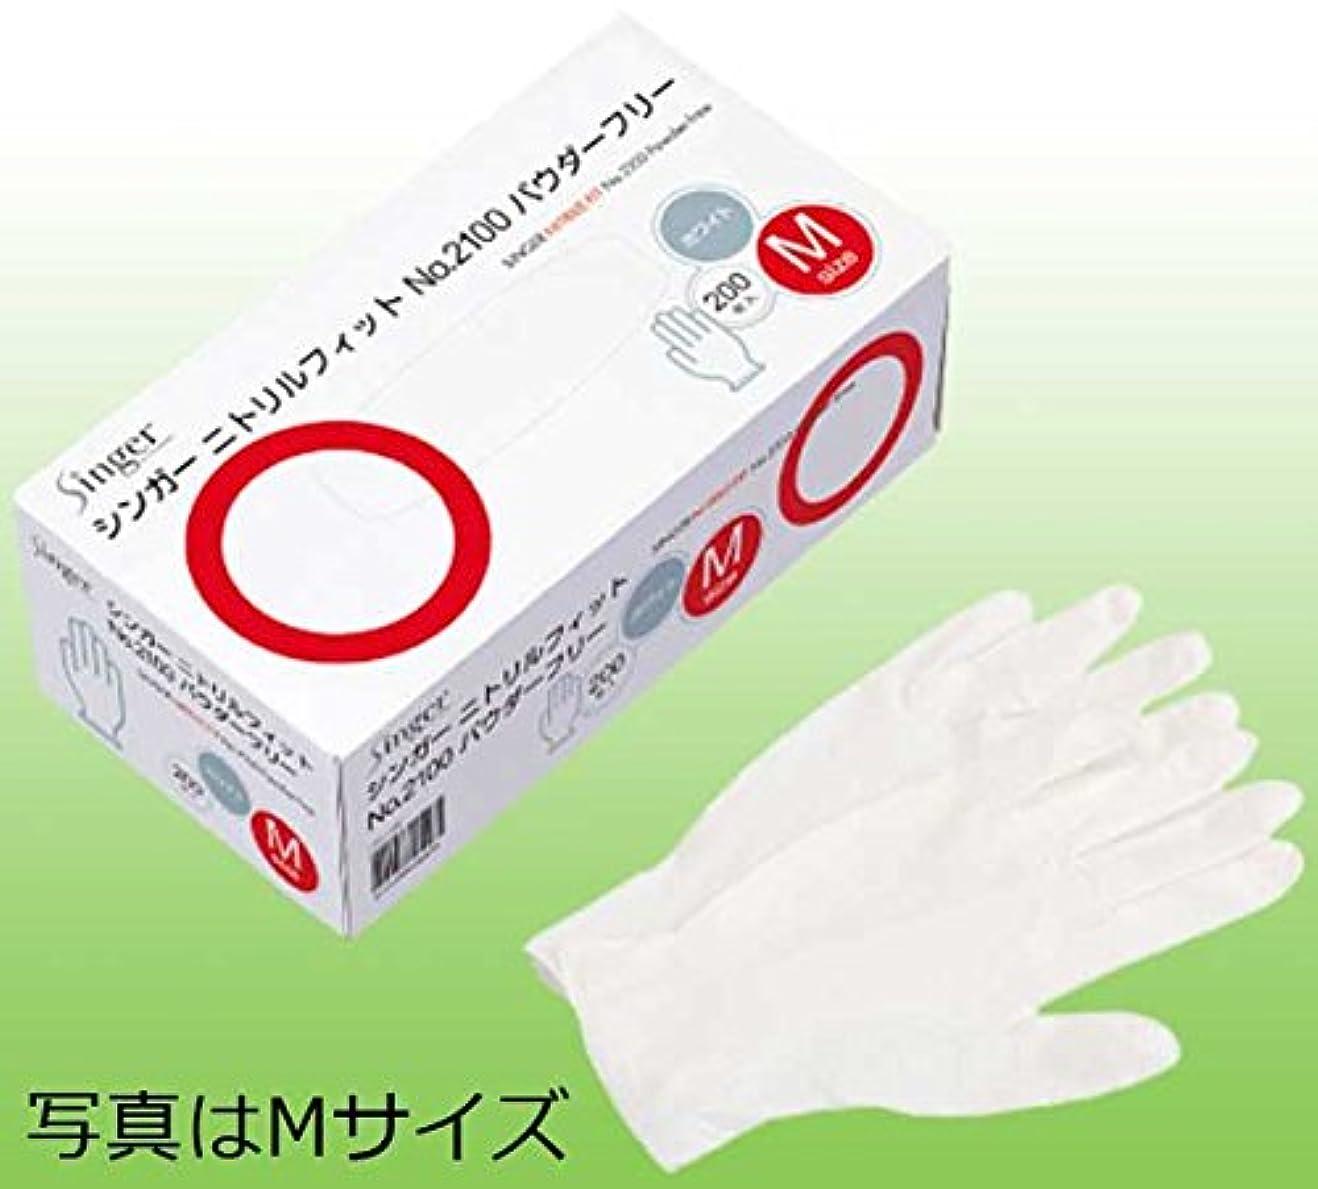 トランスミッション法医学アセンブリシンガーニトリルフィット No.2100 使い捨て手袋 粉なしパウダーぶりー2000枚 (200枚入り×20箱) (M)